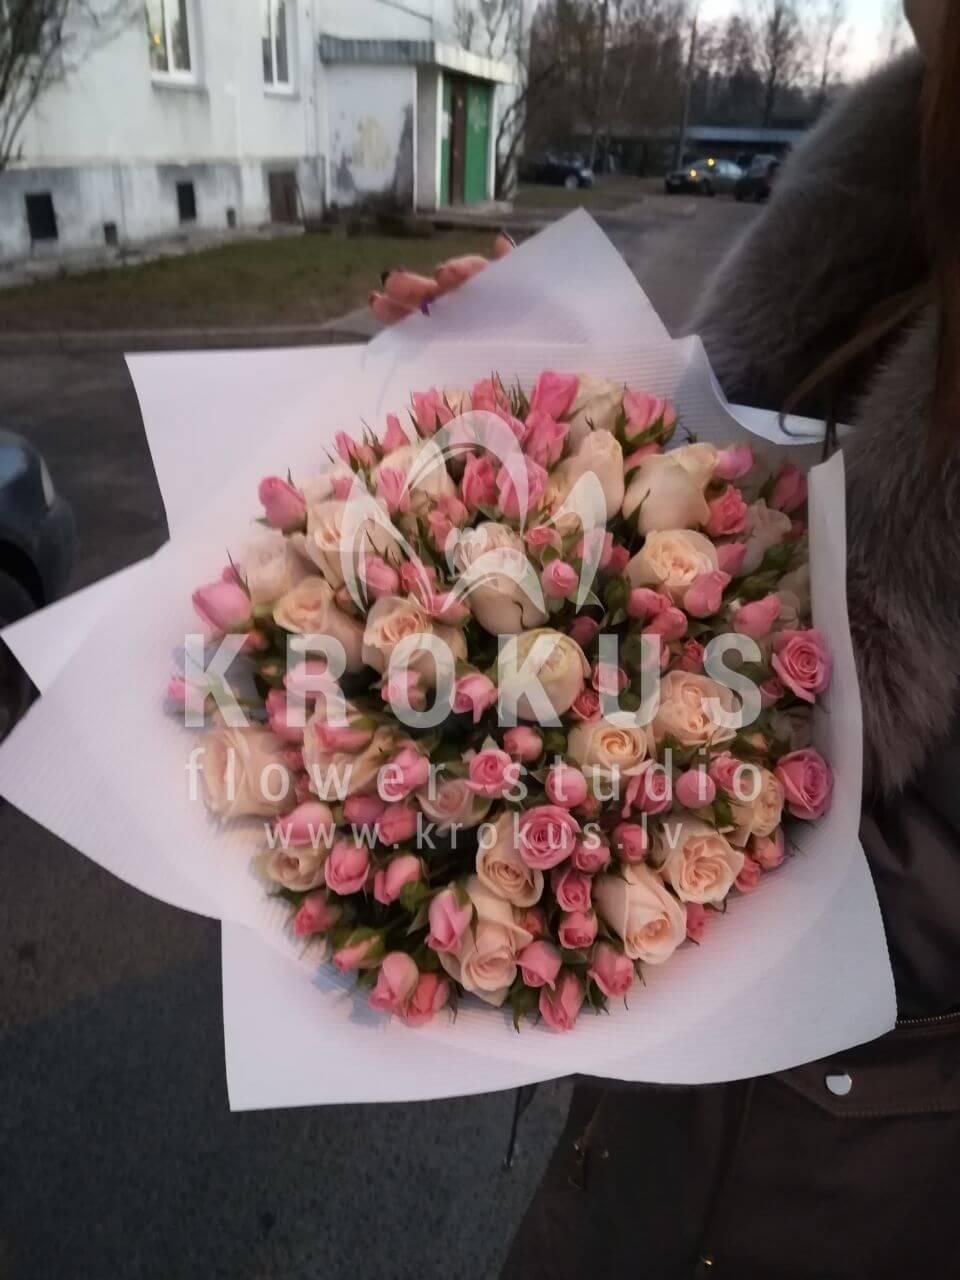 Доставка цветов в город риге круглосуточная